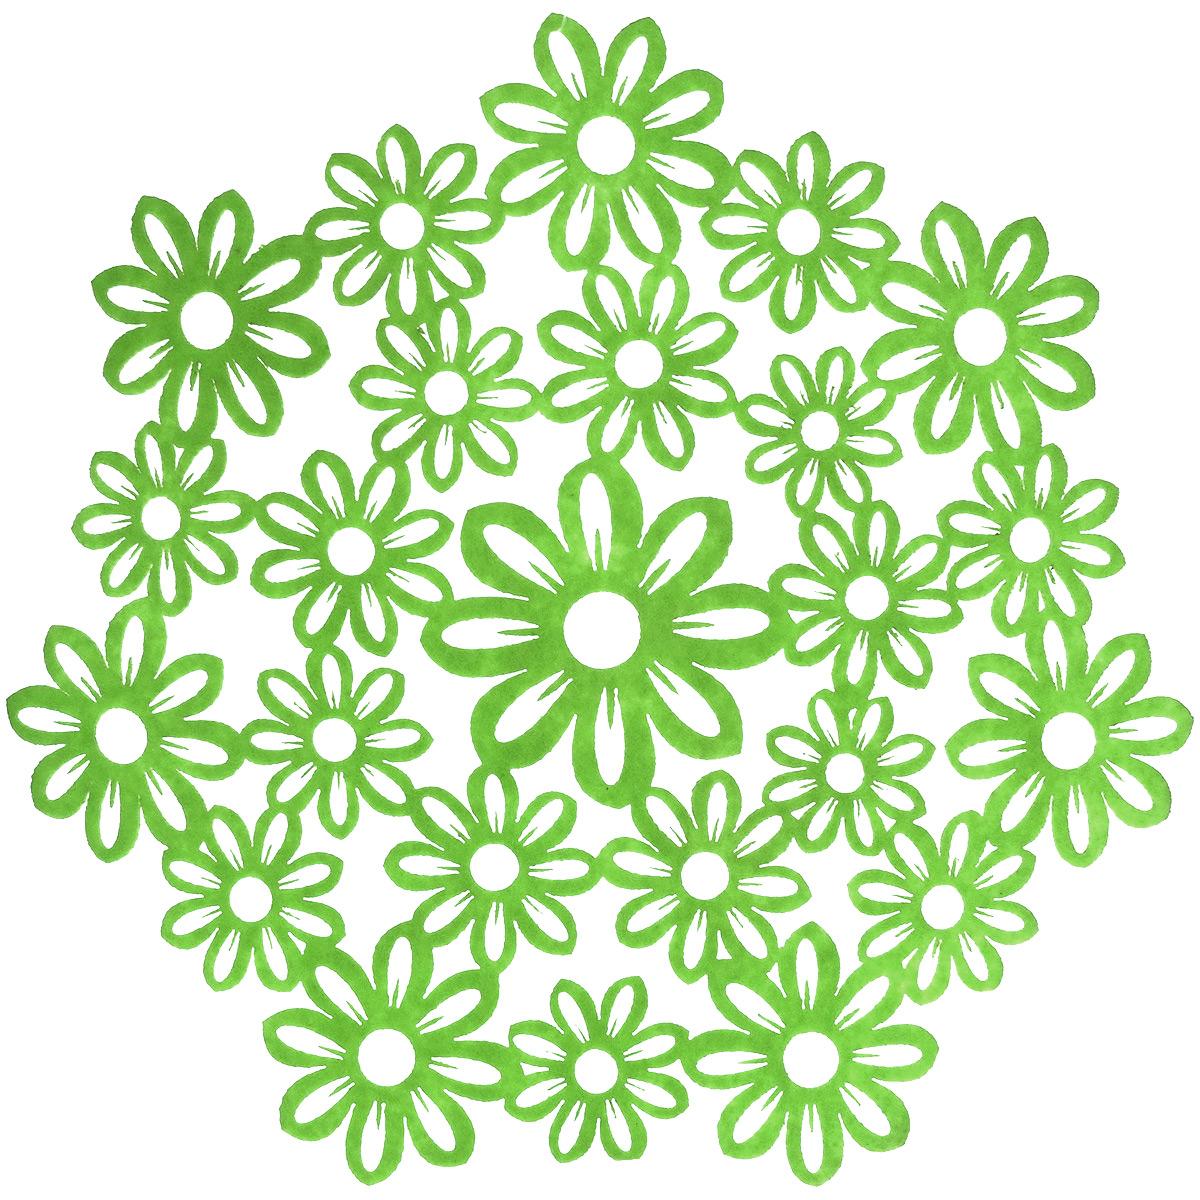 Салфетка Home Queen Незабудки, цвет: зеленый, диаметр 28 см66840_2Круглая салфетка Home Queen Незабудки выполнена из фетра и оснащена красивой перфорацией в виде цветов. Вы можете использовать салфетку для декорирования стола, комода, журнального столика. В любом случае она добавит в ваш дом стиля, изысканности и неповторимости и убережет мебель от царапин и потертостей. Диаметр салфетки: 28 см.